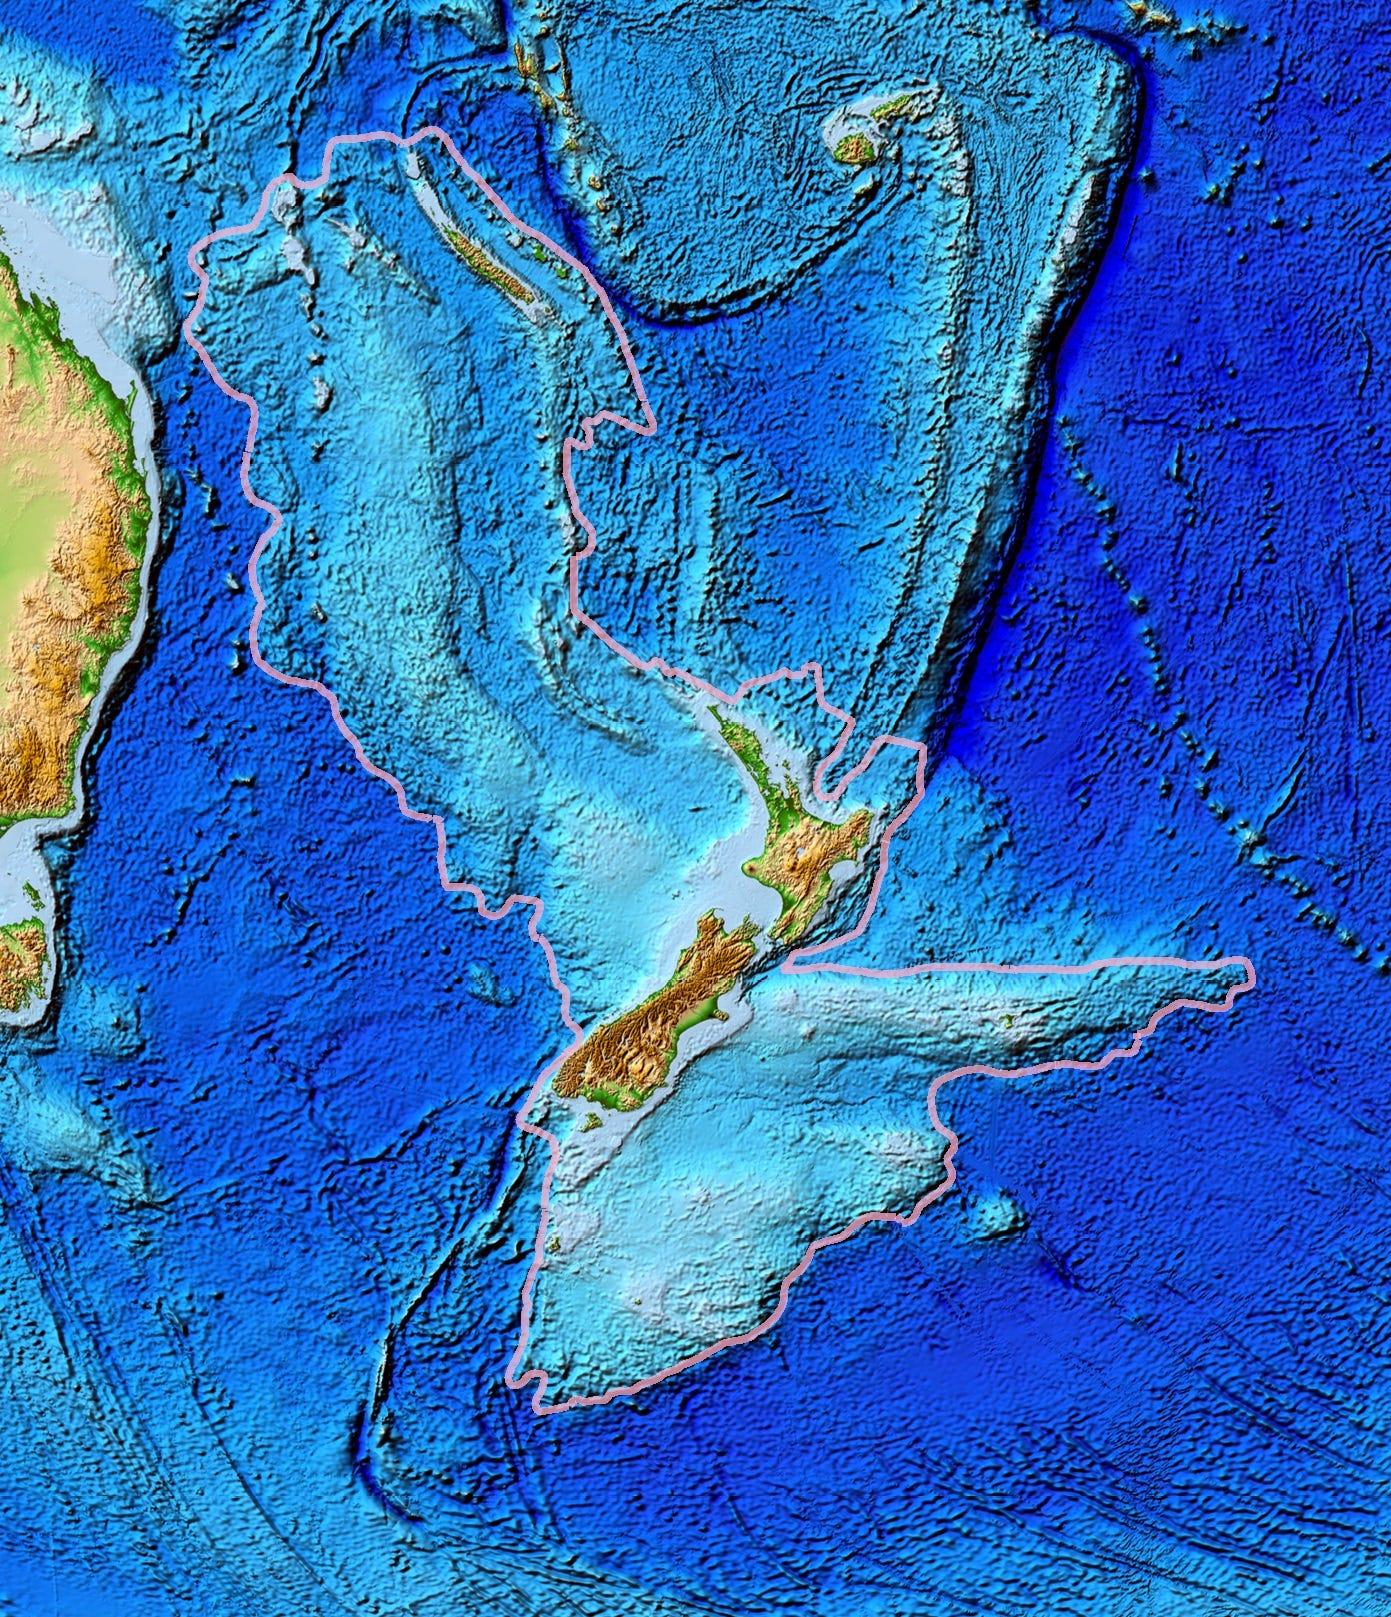 Chim cánh cụt cổ đại cao bằng người từng sống ở lục địa mất tích thứ 8 của Trái Đất - Ảnh 3.